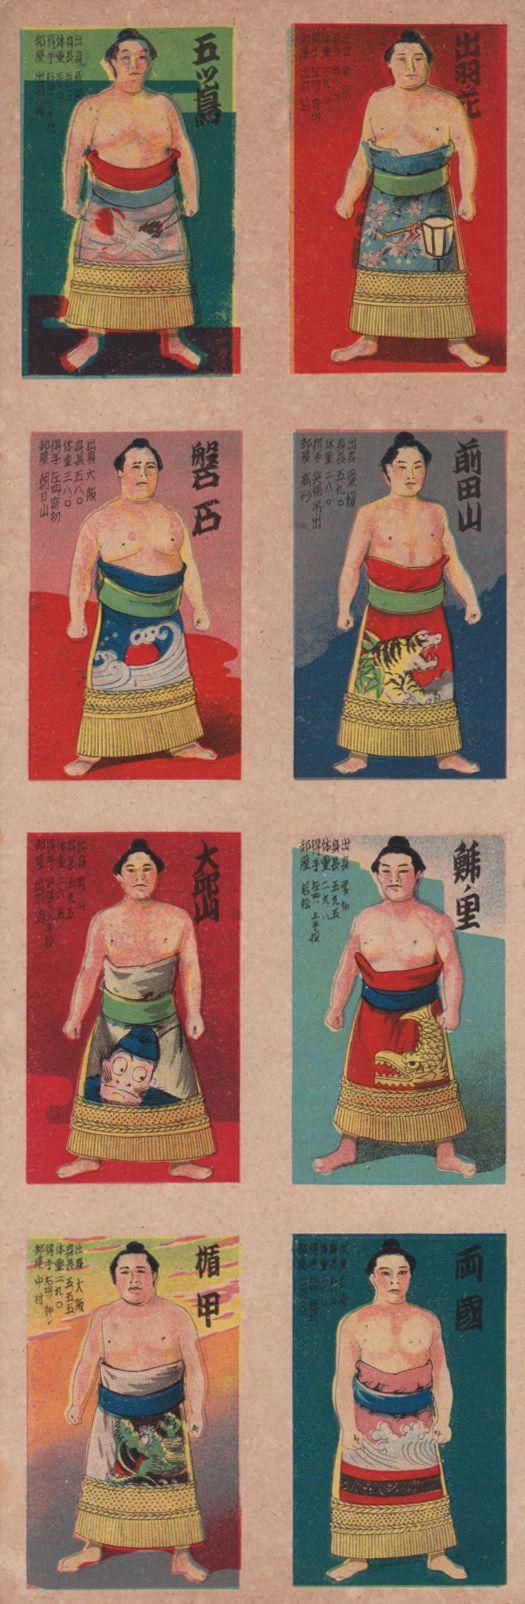 ナツカシモノ - Nostalgic/Vintage - Japanese Sumo wrestlers. S)